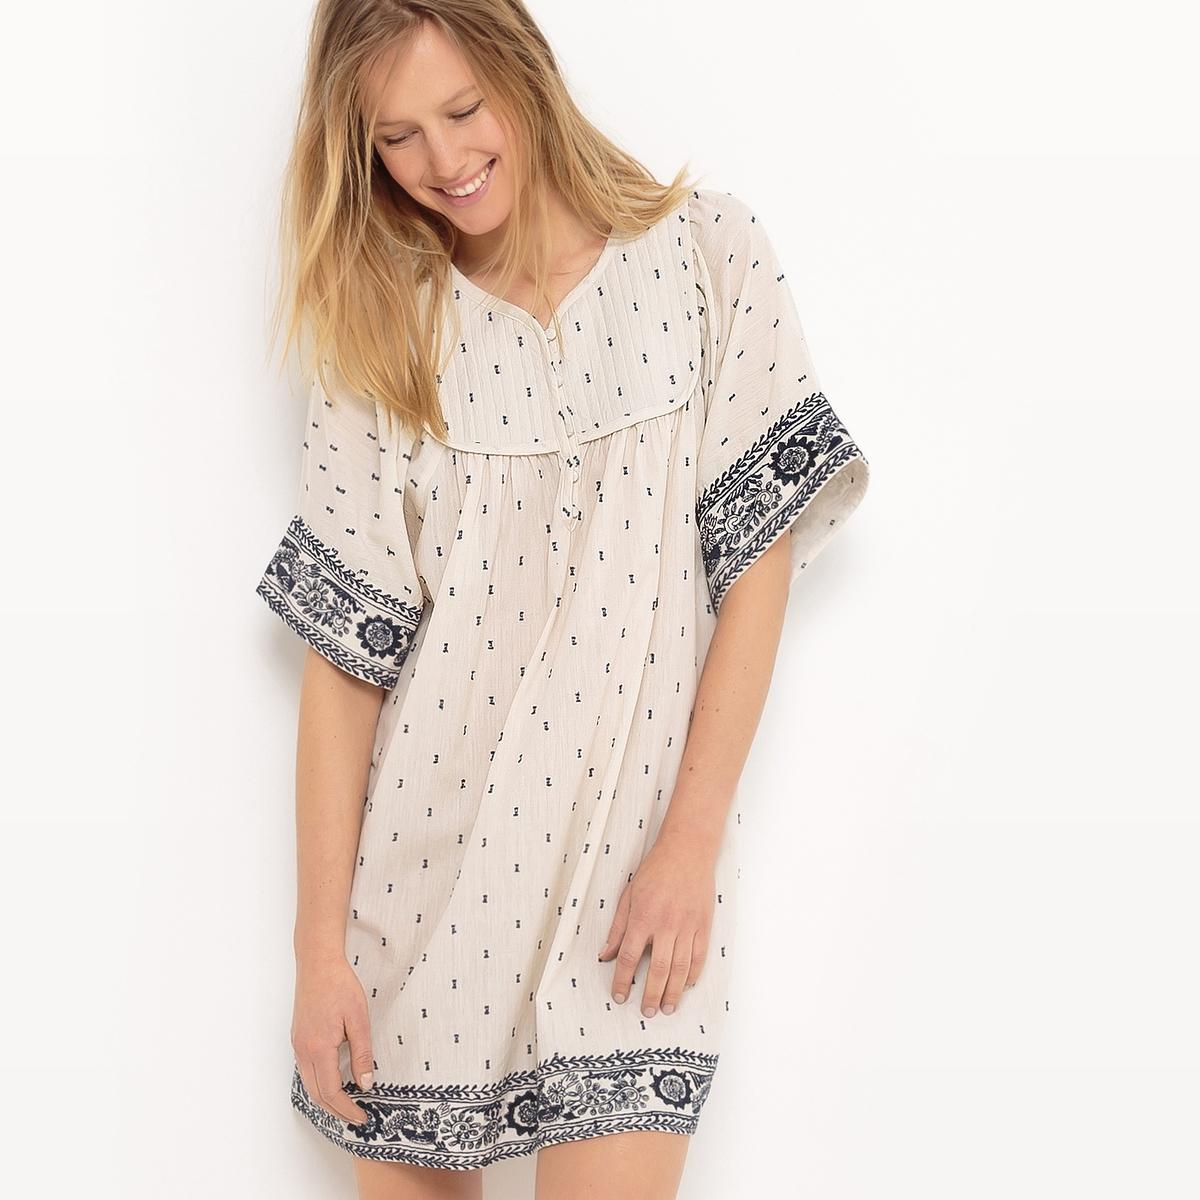 Платье вышитое, с короткими рукавамиМатериал : 100% хлопок             Длина рукава : Короткие рукава             Форма воротника : круглый вырез с разрезом спереди            Покрой платья : расклешенное платье            Рисунок : однотонная модель            Особенность материала : с вышивкой             Длина платья : до колен<br><br>Цвет: слоновая кость/синий<br>Размер: 34 (FR) - 40 (RUS).36 (FR) - 42 (RUS)